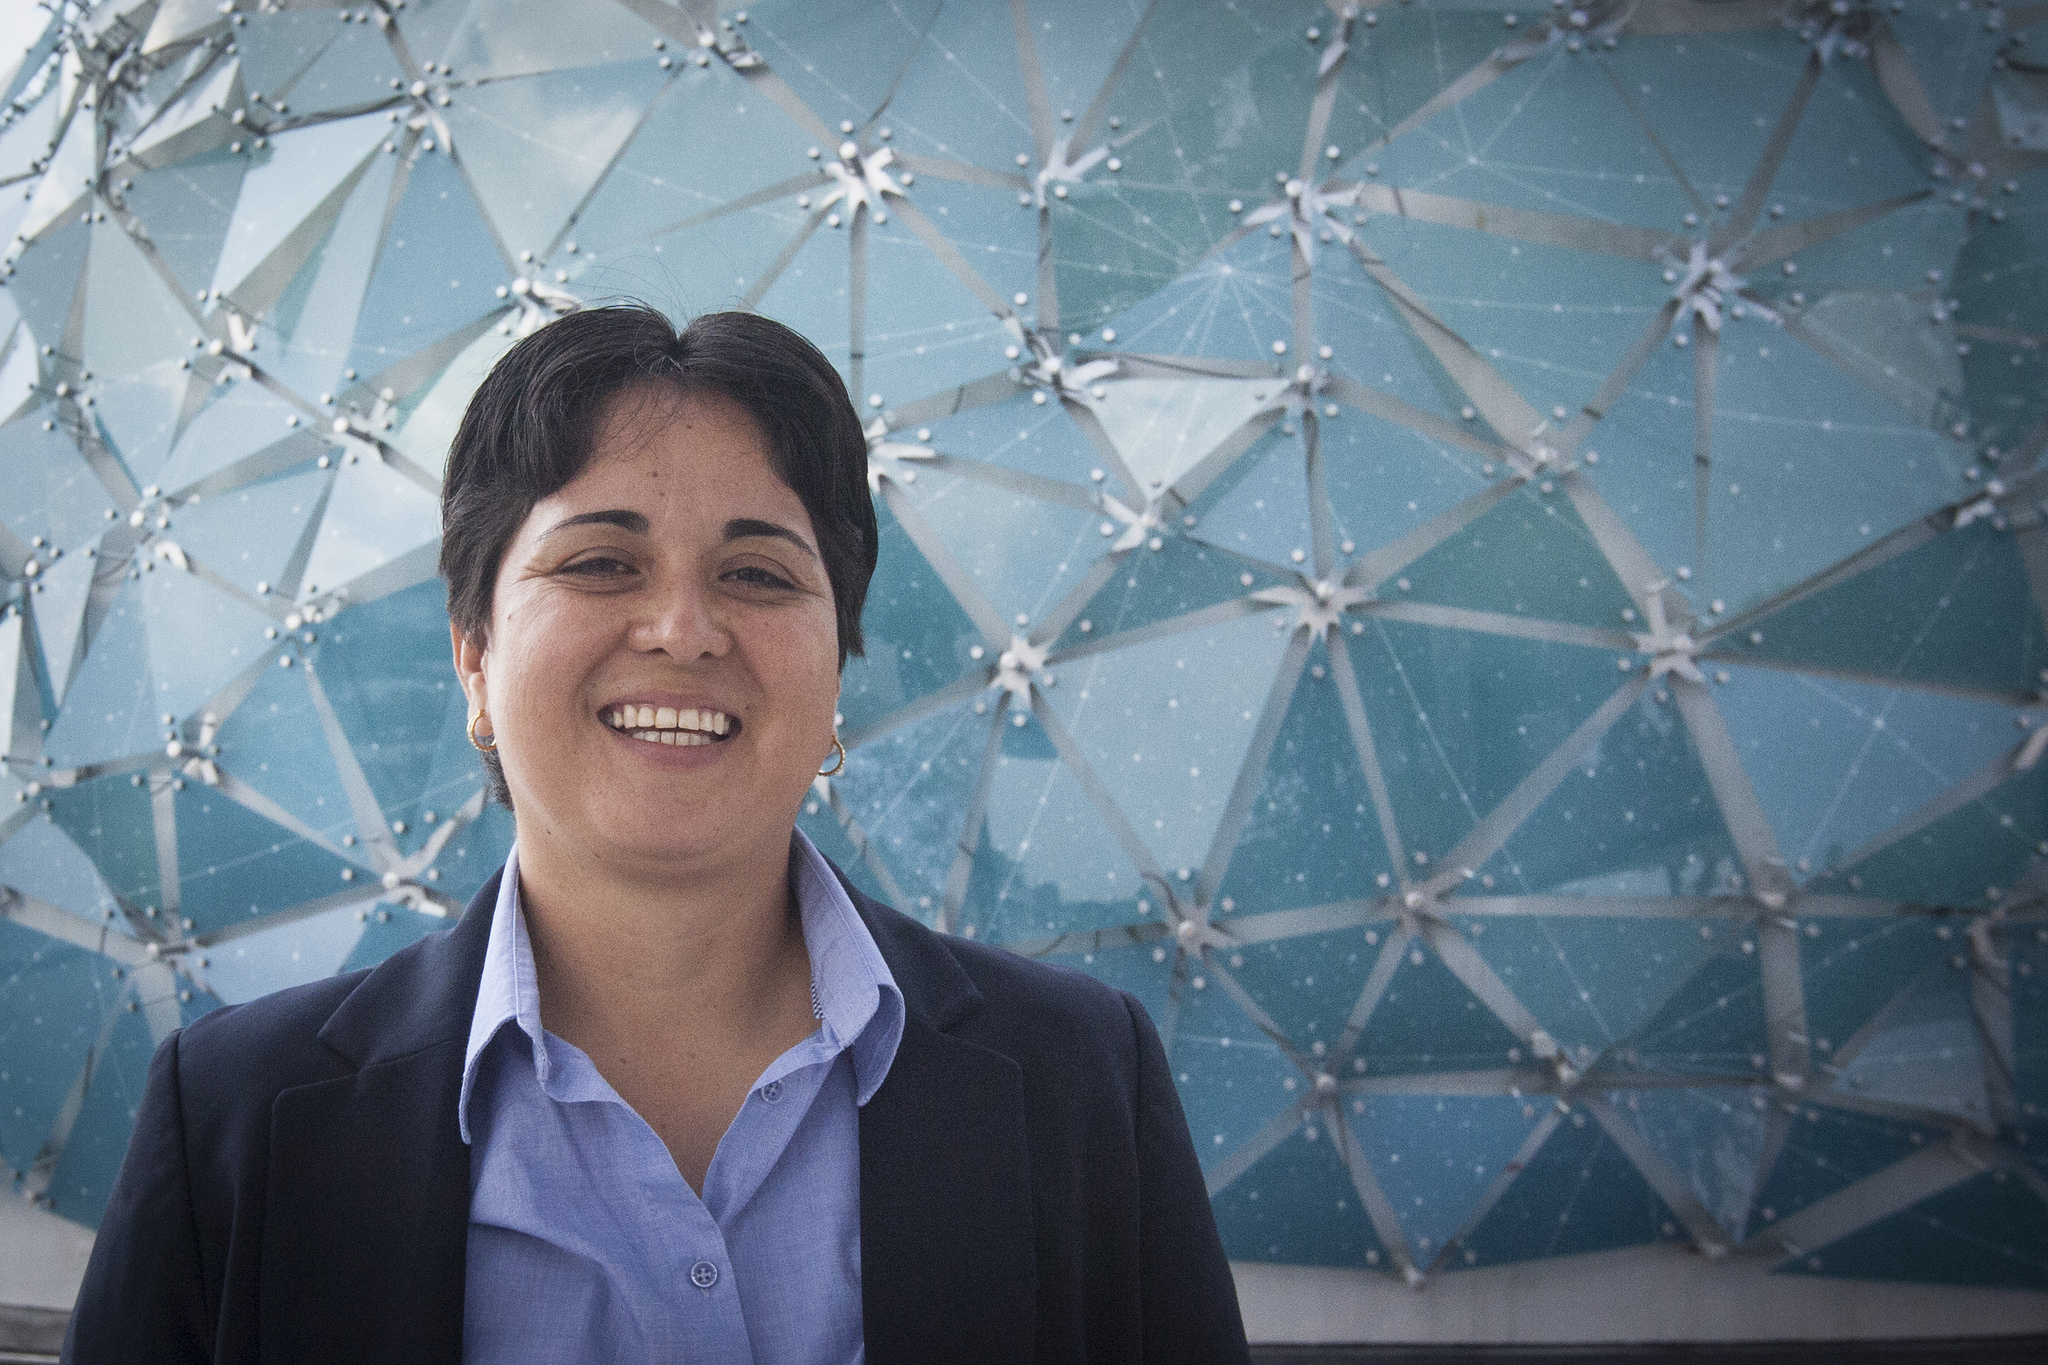 Ofrece la Dra. Alma Yolanda Alanís García charla sobre bondades de la ciencia